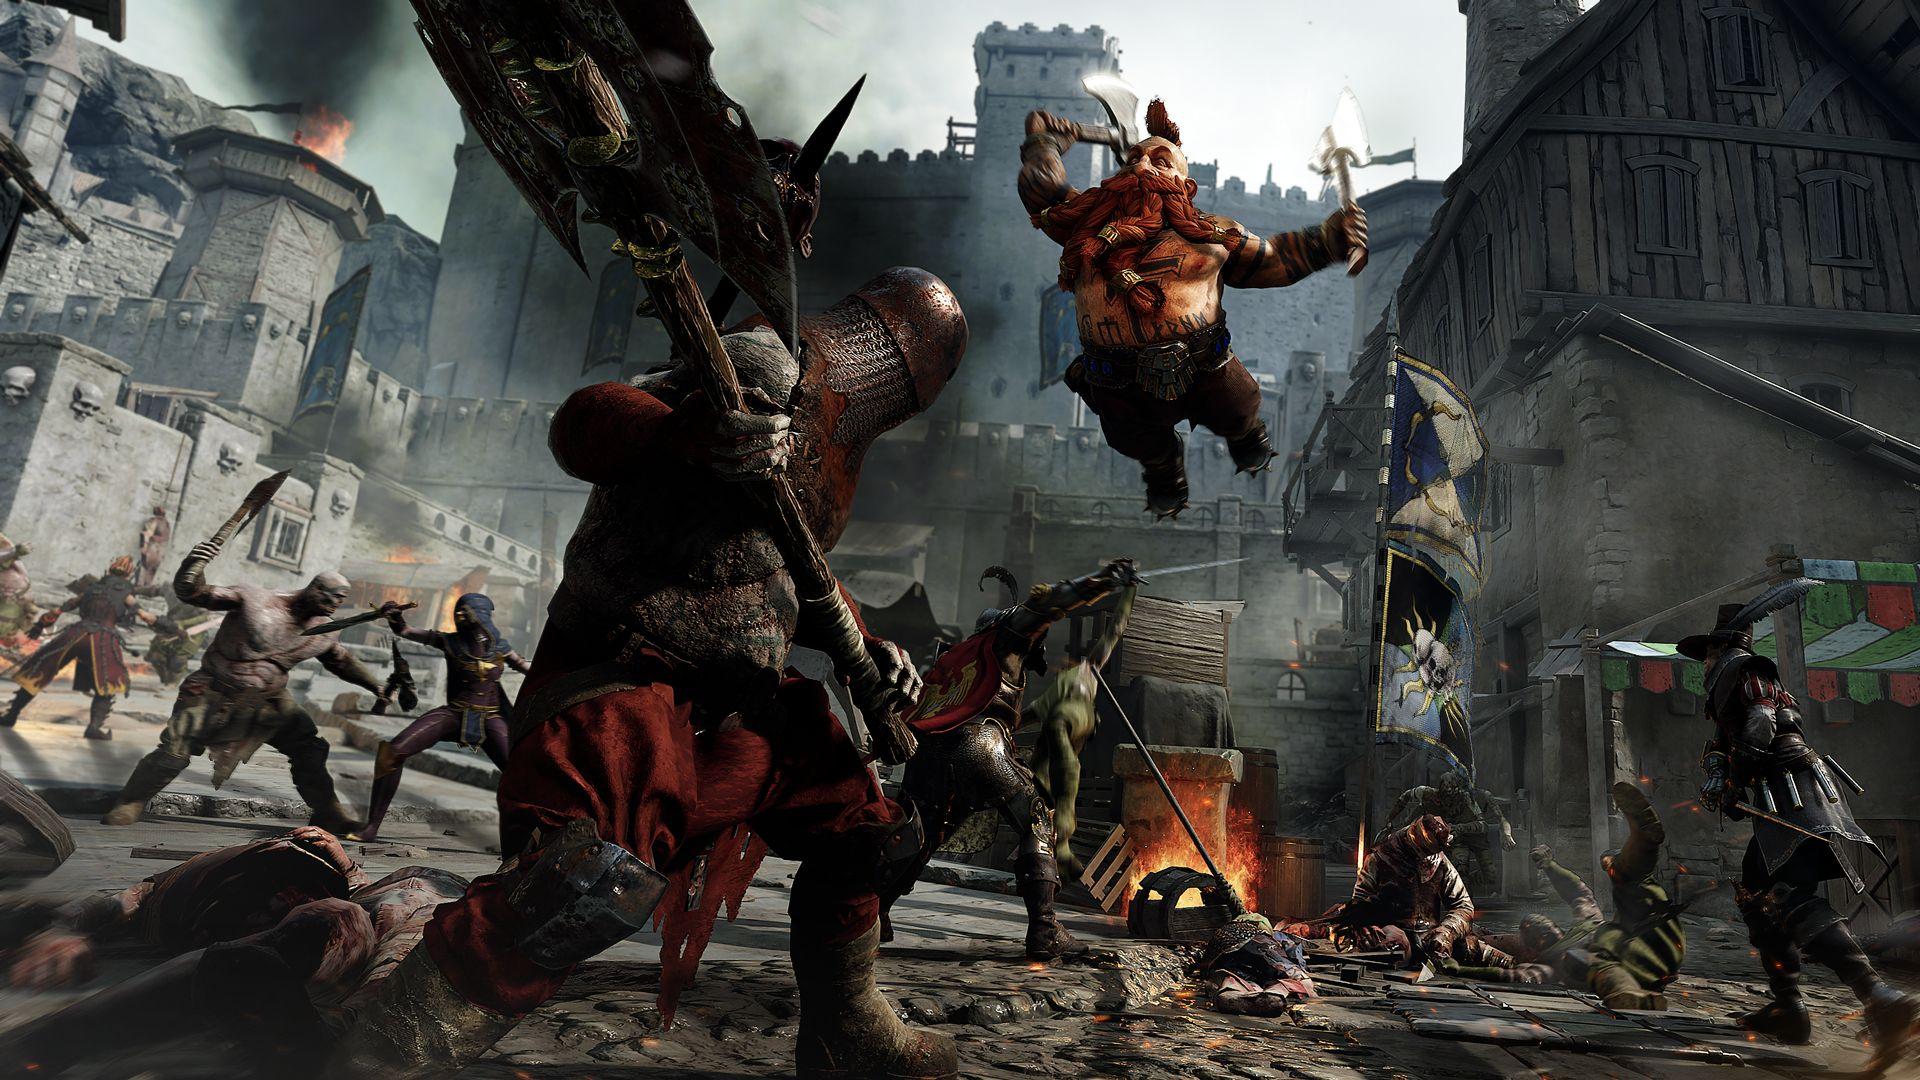 Amüsant und bockschwer – Überlebt Ihr in Warhammer: Vermintide 2?